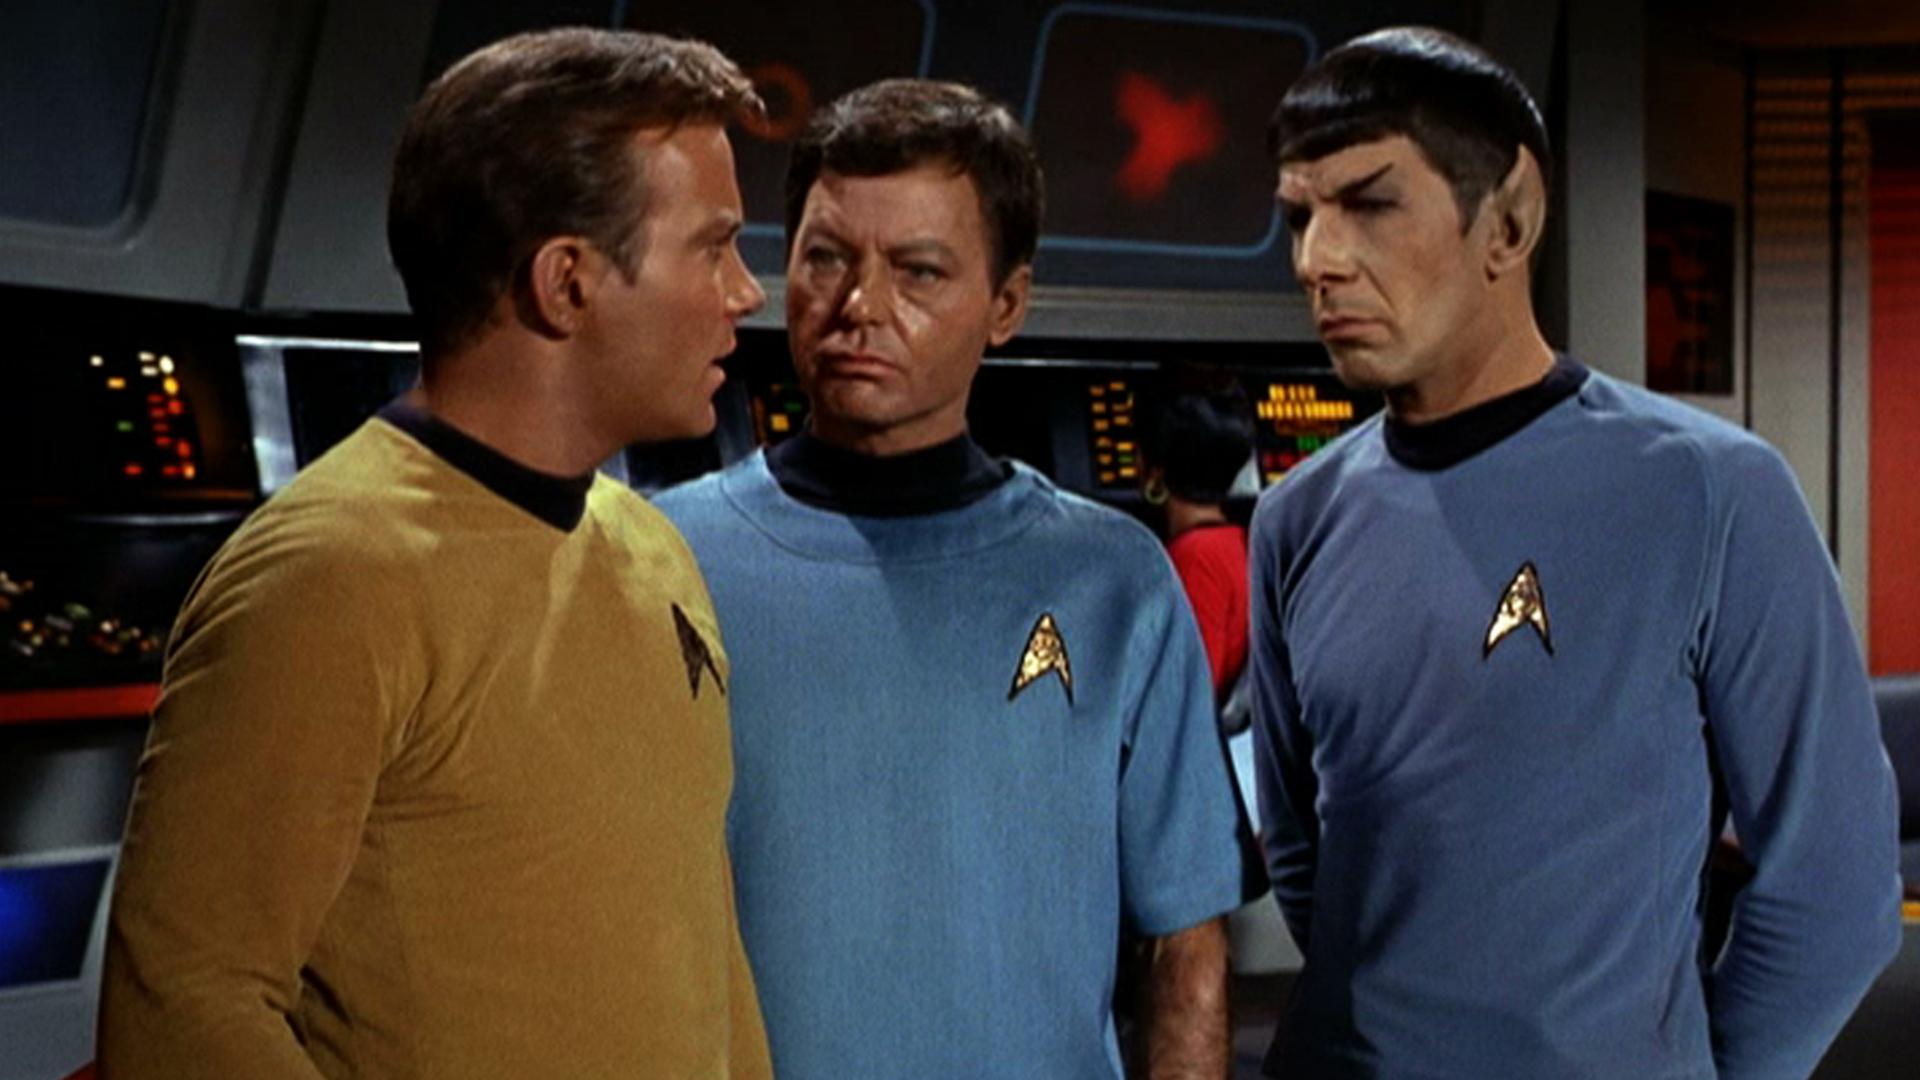 Watch Star Trek: The Original Series (Remastered) Season 1 Episode 2:  Charlie